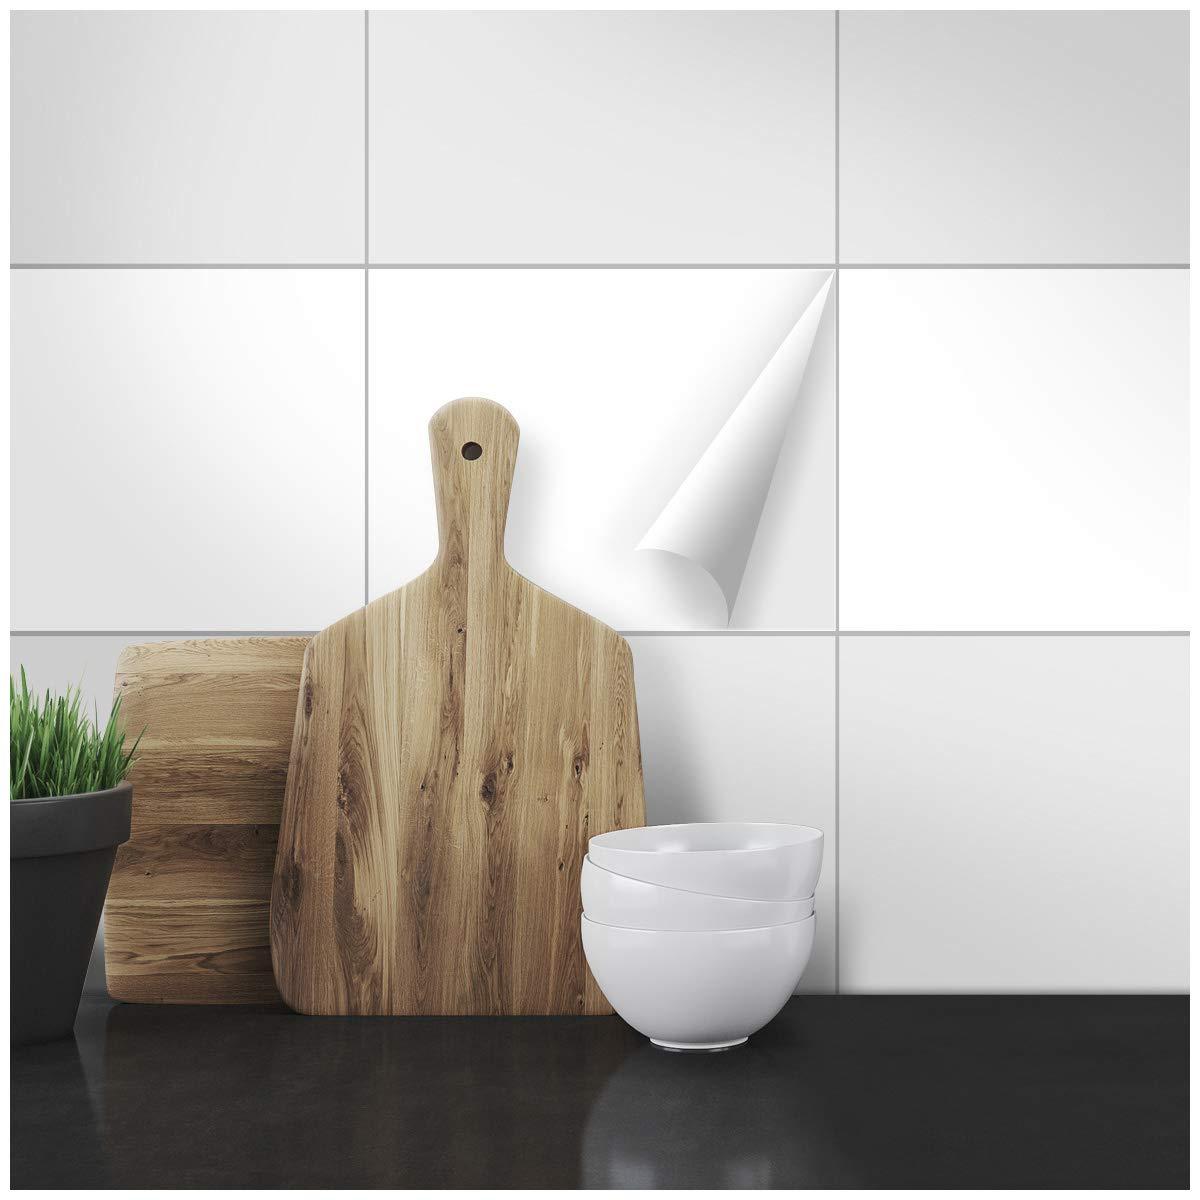 Wandkings Fliesenaufkleber - Wähle eine Farbe Farbe Farbe & Größe - Weiß Seidenmatt - 19,5 x 24,5 cm - 50 Stück für Fliesen in Küche, Bad & mehr B074F1M5GZ Fliesenaufkleber 0788ac